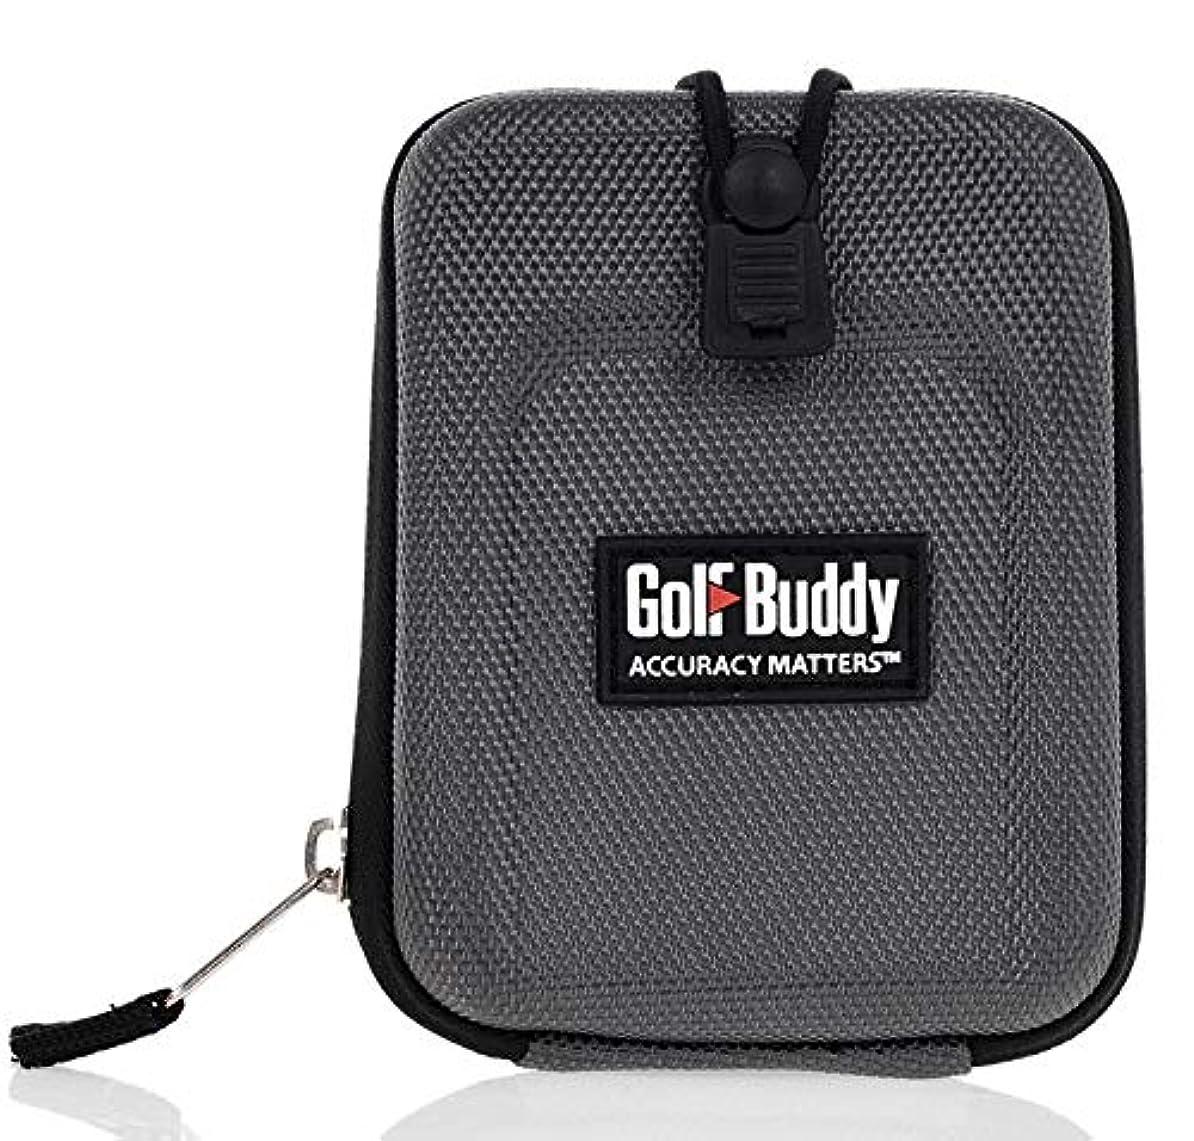 ピッチ注入樹皮GolfBuddy ゴルフバディー LR7S専用ポーチ LRシリーズ互換可能 ケース [並行輸入品]